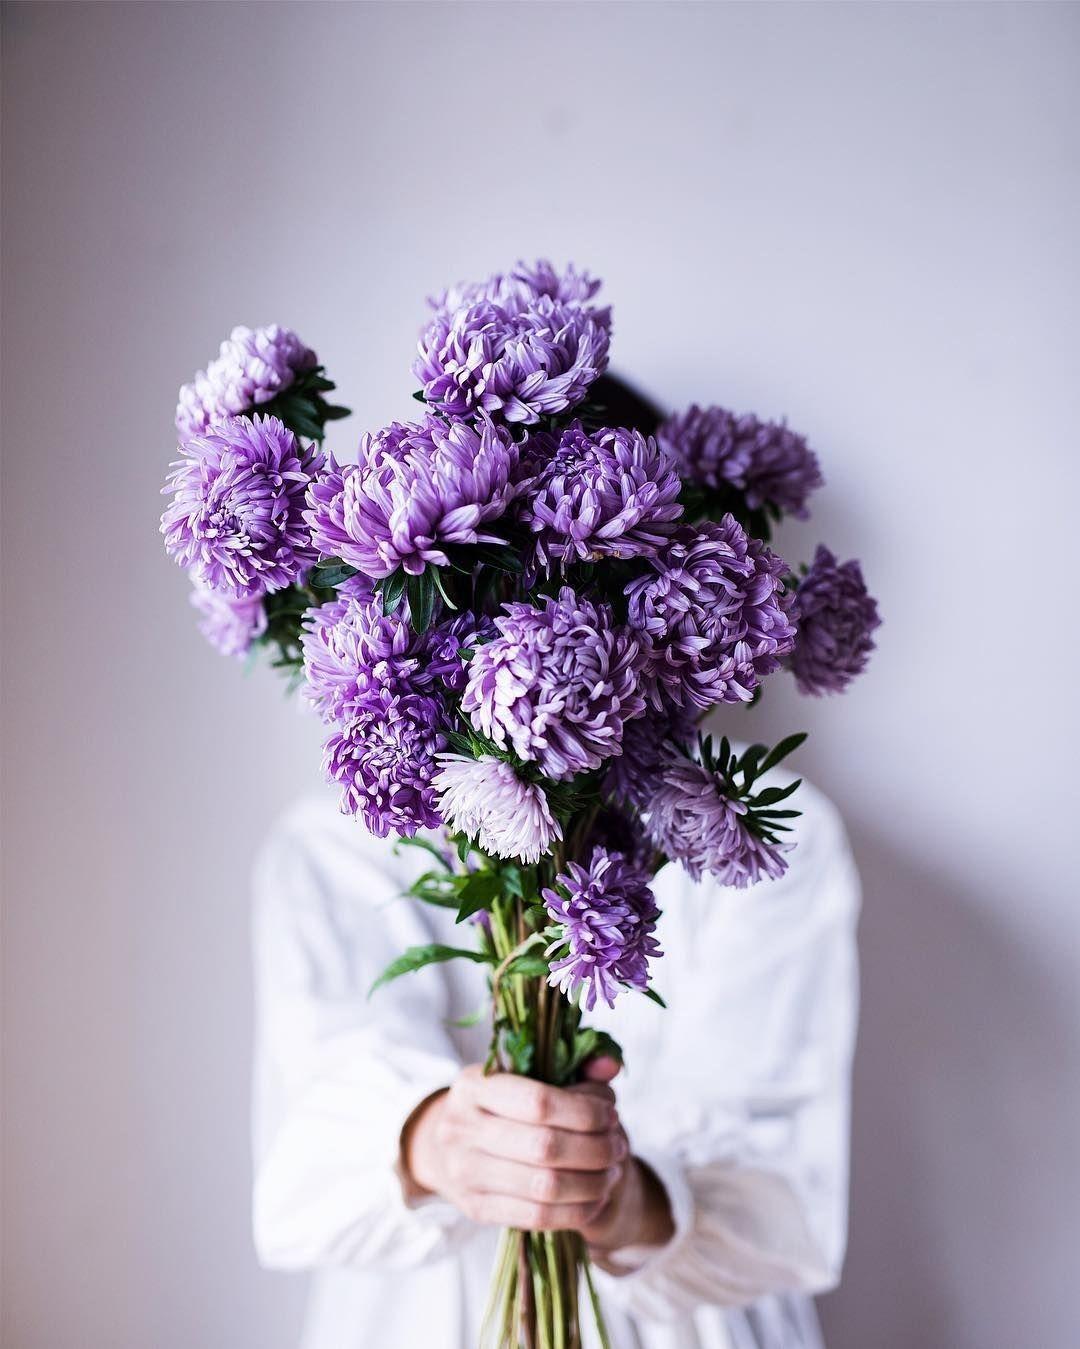 Pin By صورة و كلمة On لوني المفضل Purple Things In 2021 Flower Aesthetic Pretty Flowers Beautiful Flowers